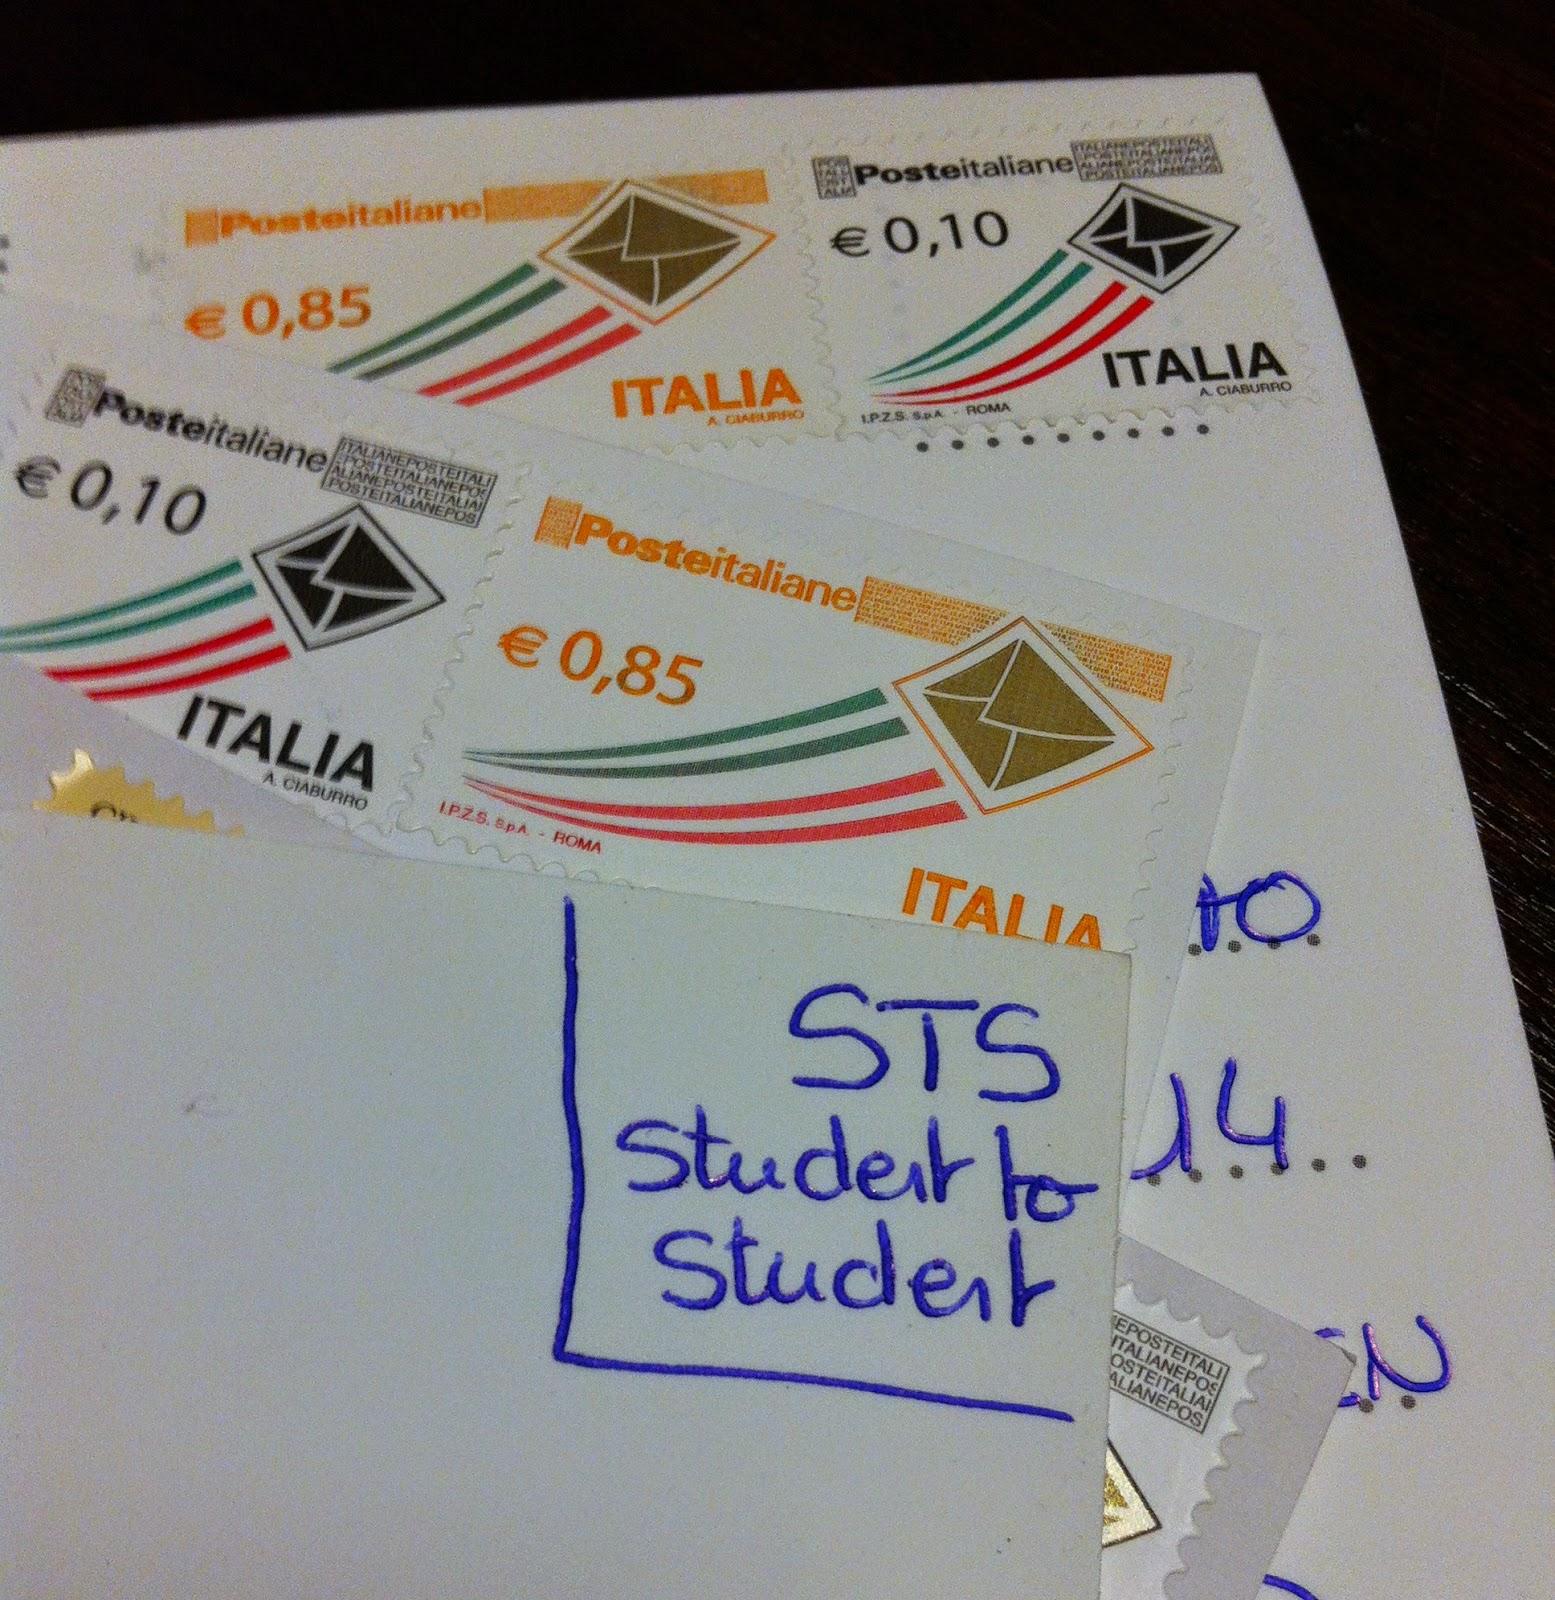 Comment envoyer des cartes postales sans timbre ?